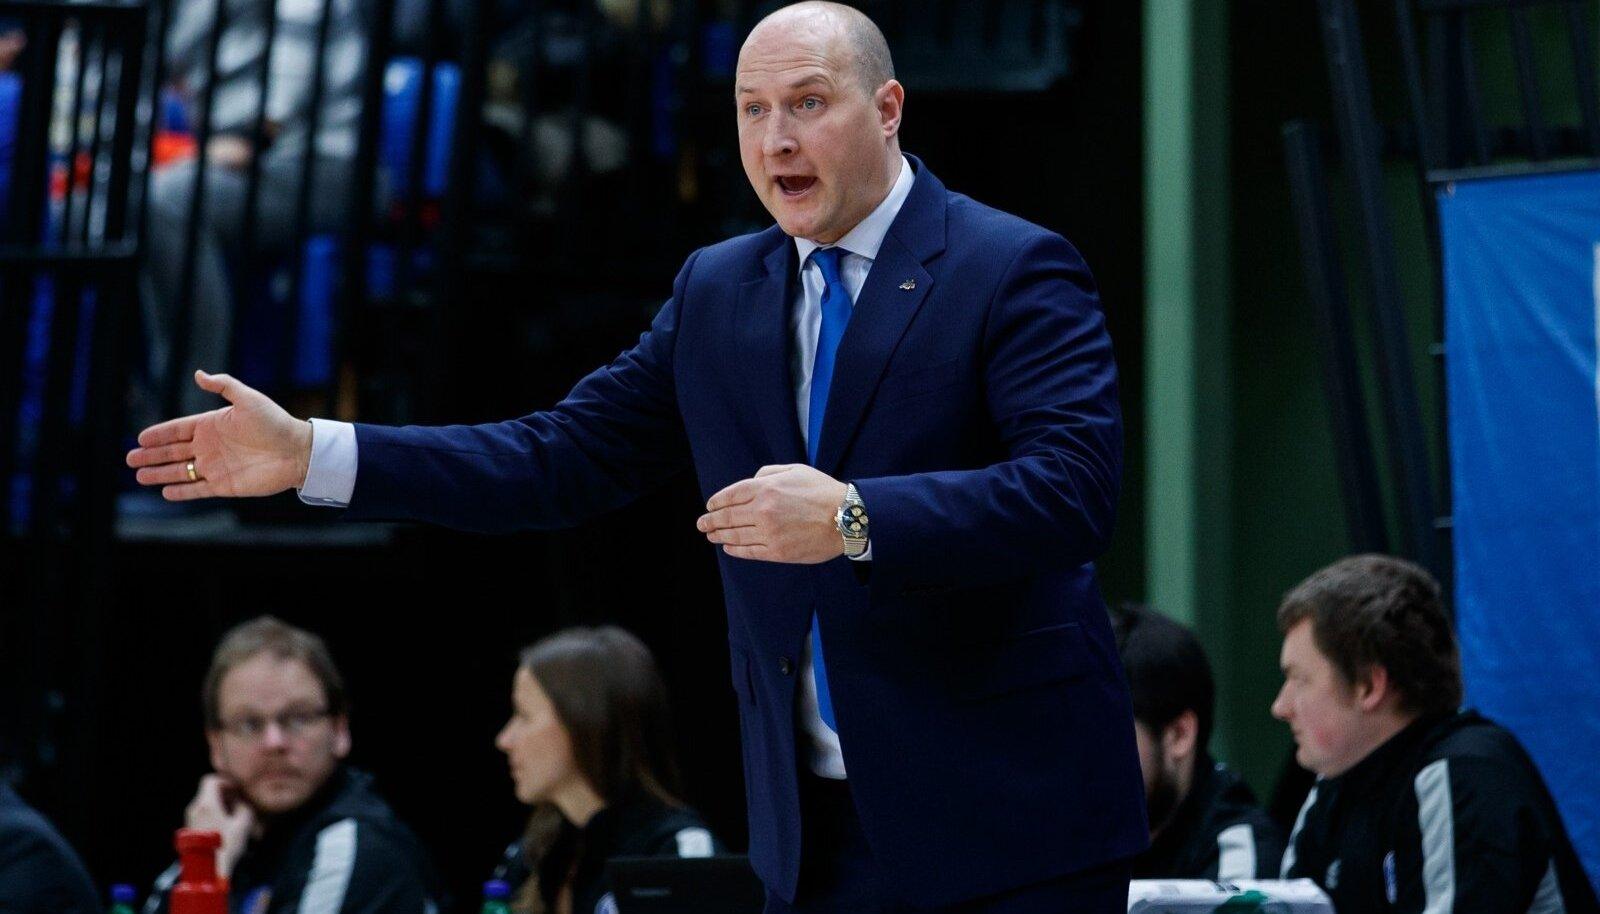 Roberts Štelmahers astus ebaõnnestunud valiksarja järel Läti koondise peatreeneri kohalt tagasi.